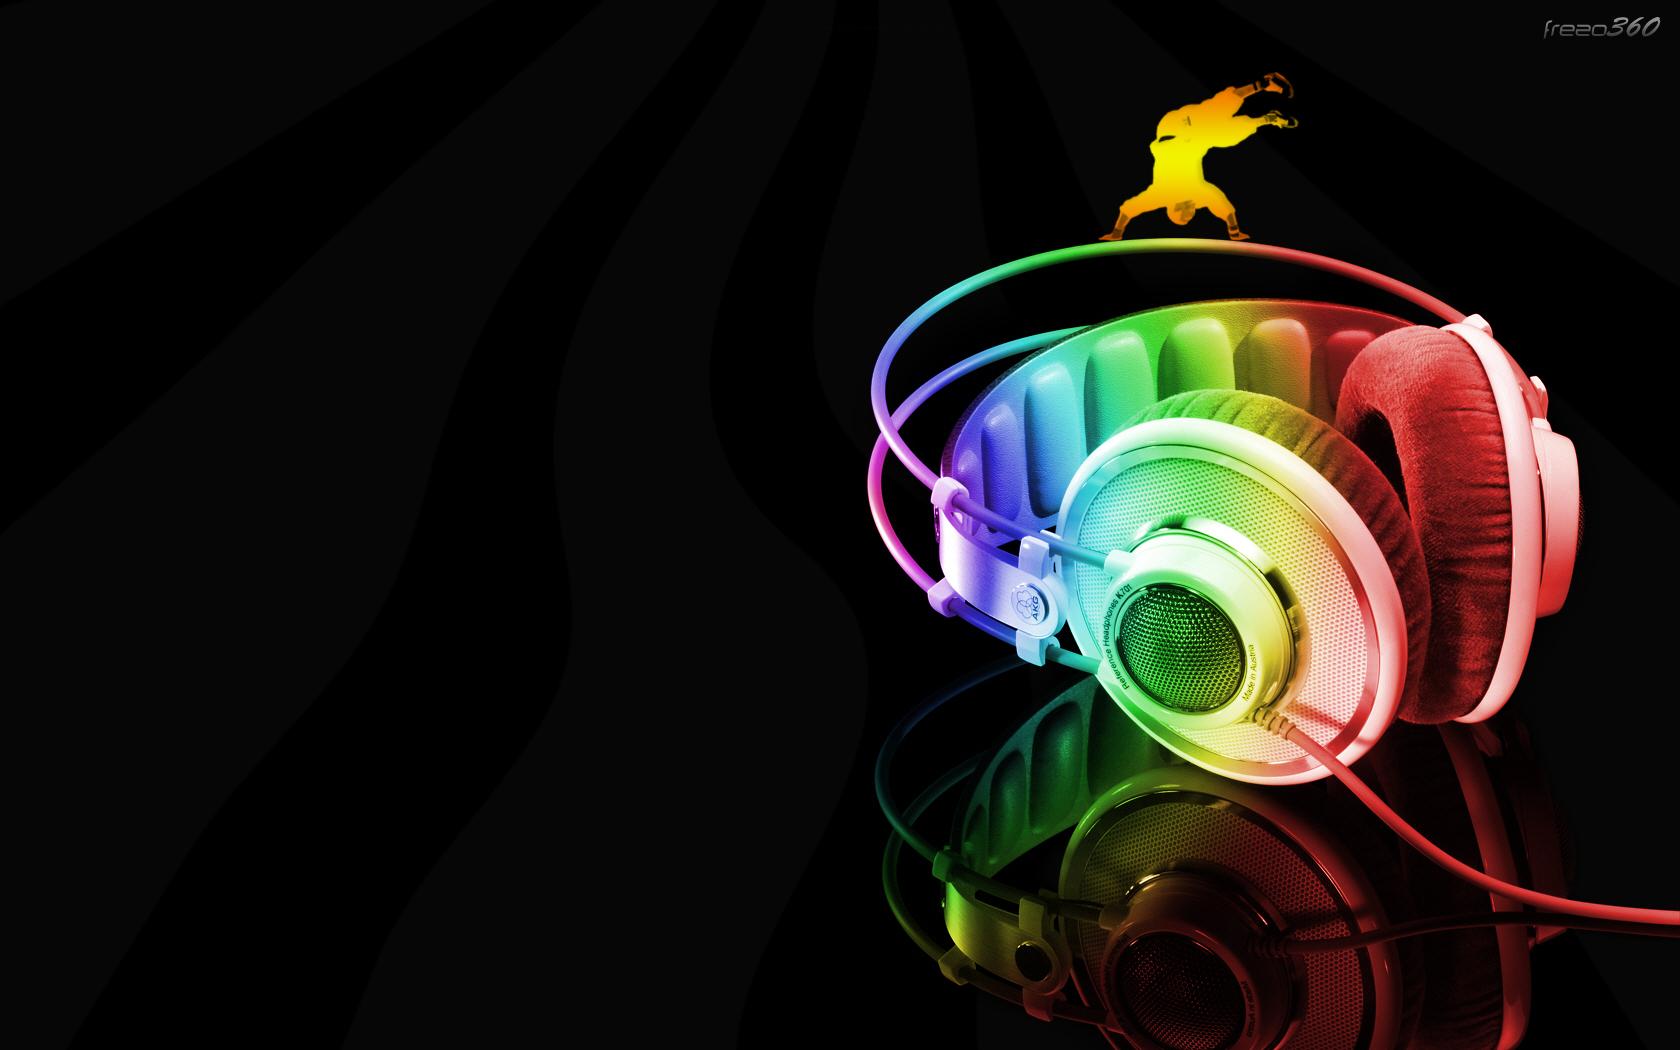 1680x1050 3d Music Hd Wallpaper 3d Music Clipart Panda